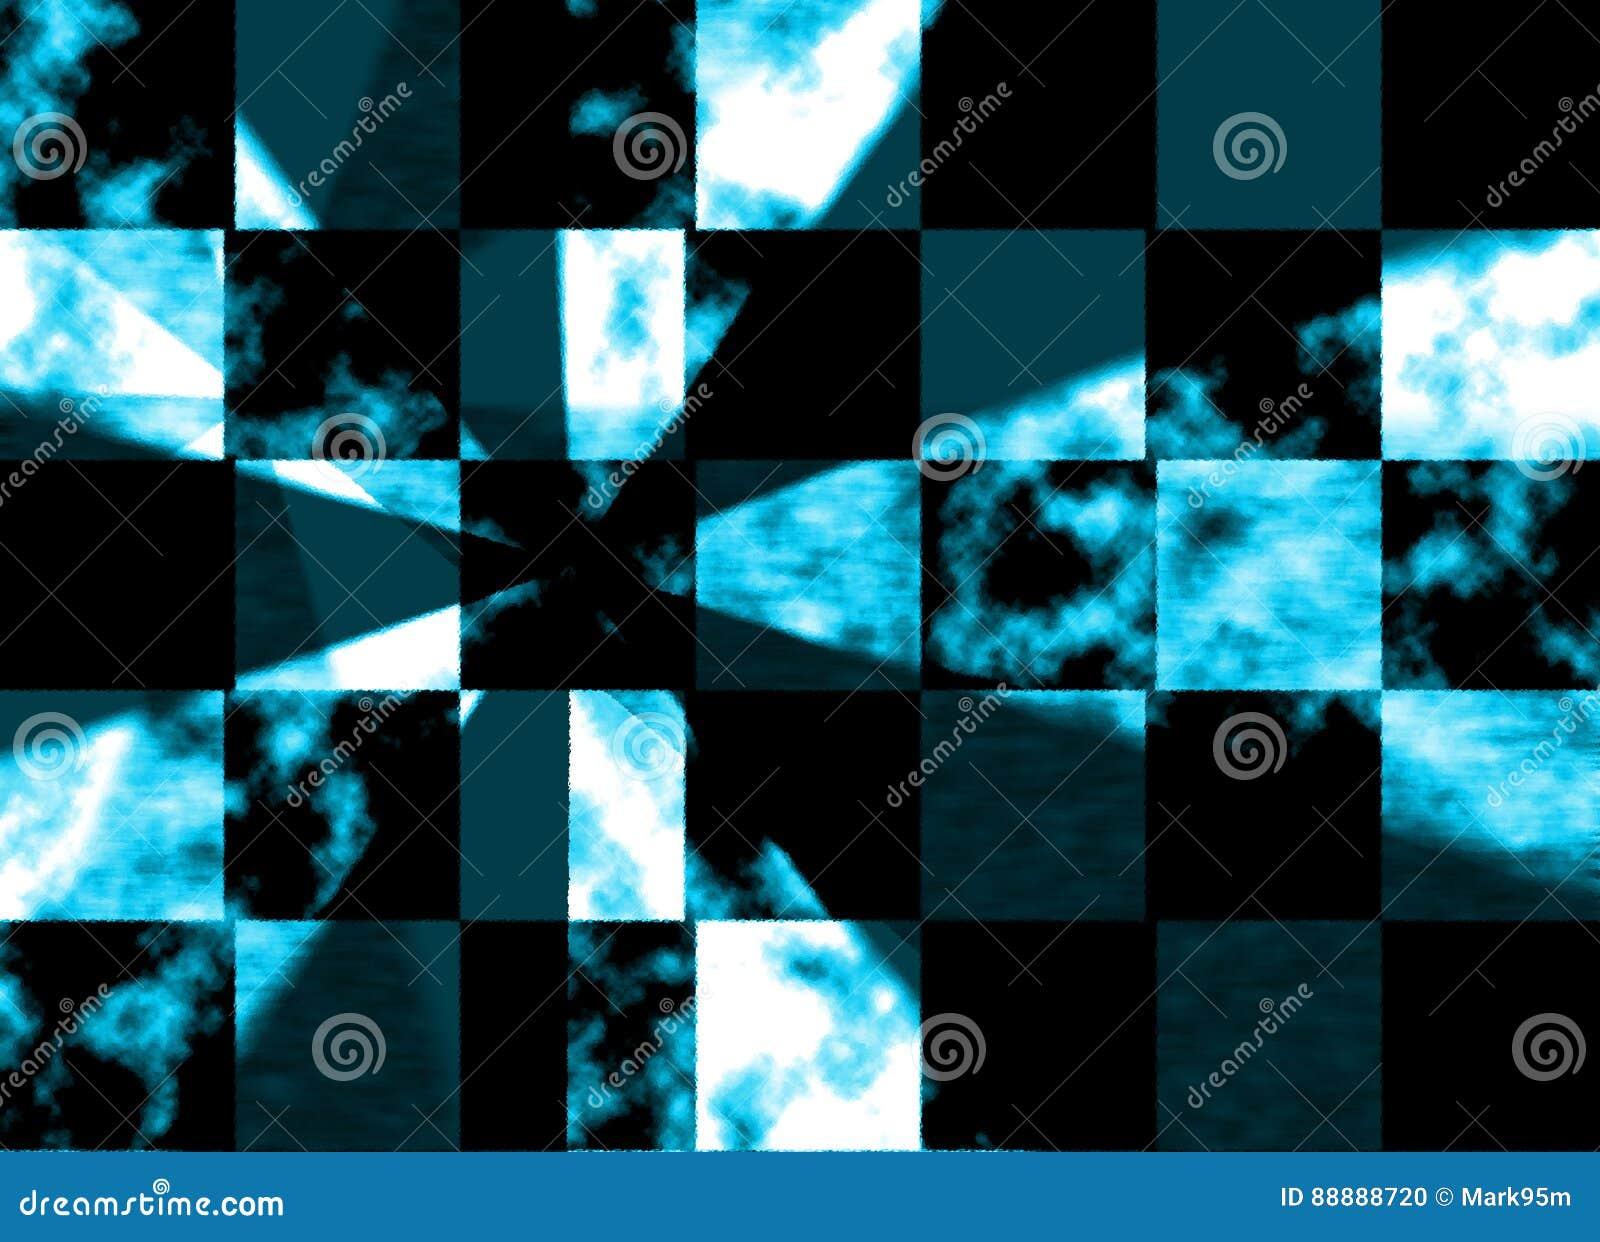 蓝色玻璃样式墙纸背景